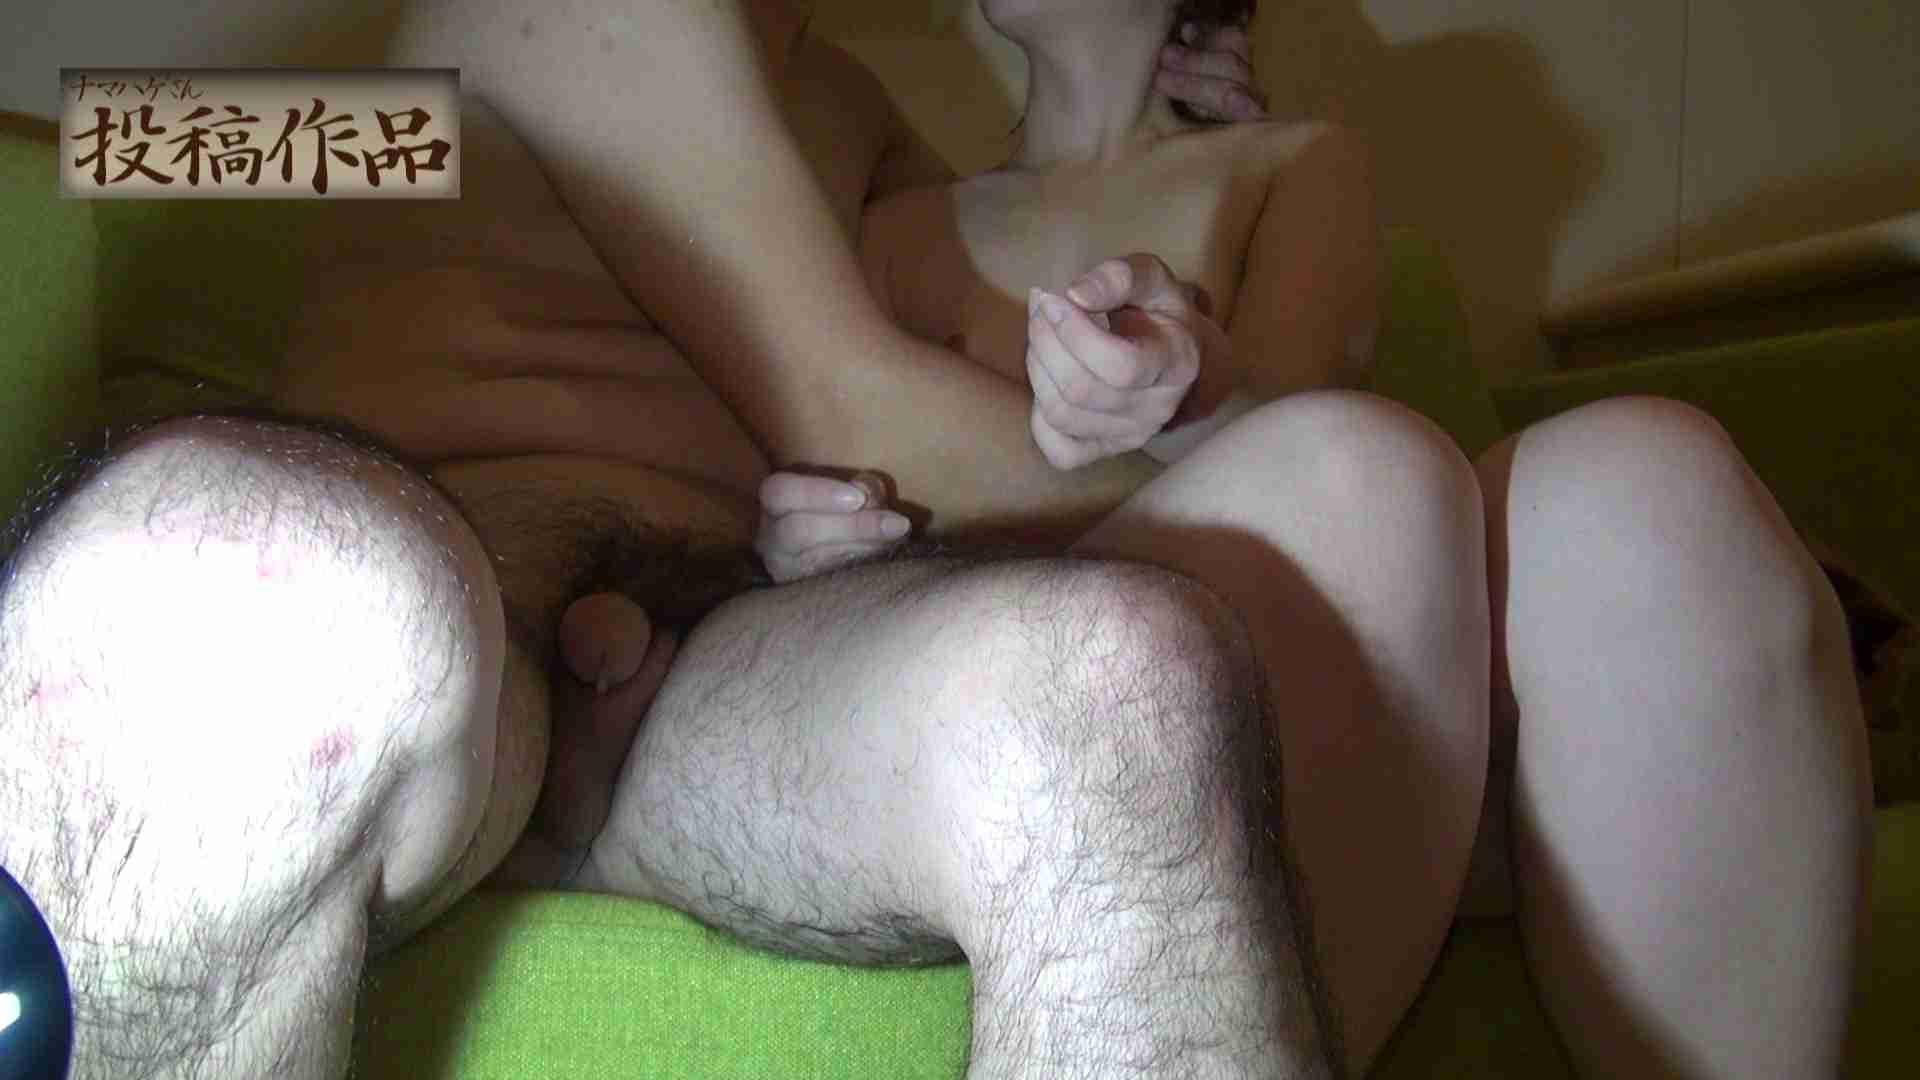 ナマハゲさんのまんこコレクション第二章 mizuhovol.2 OL裸体 | 一般投稿  77画像 14